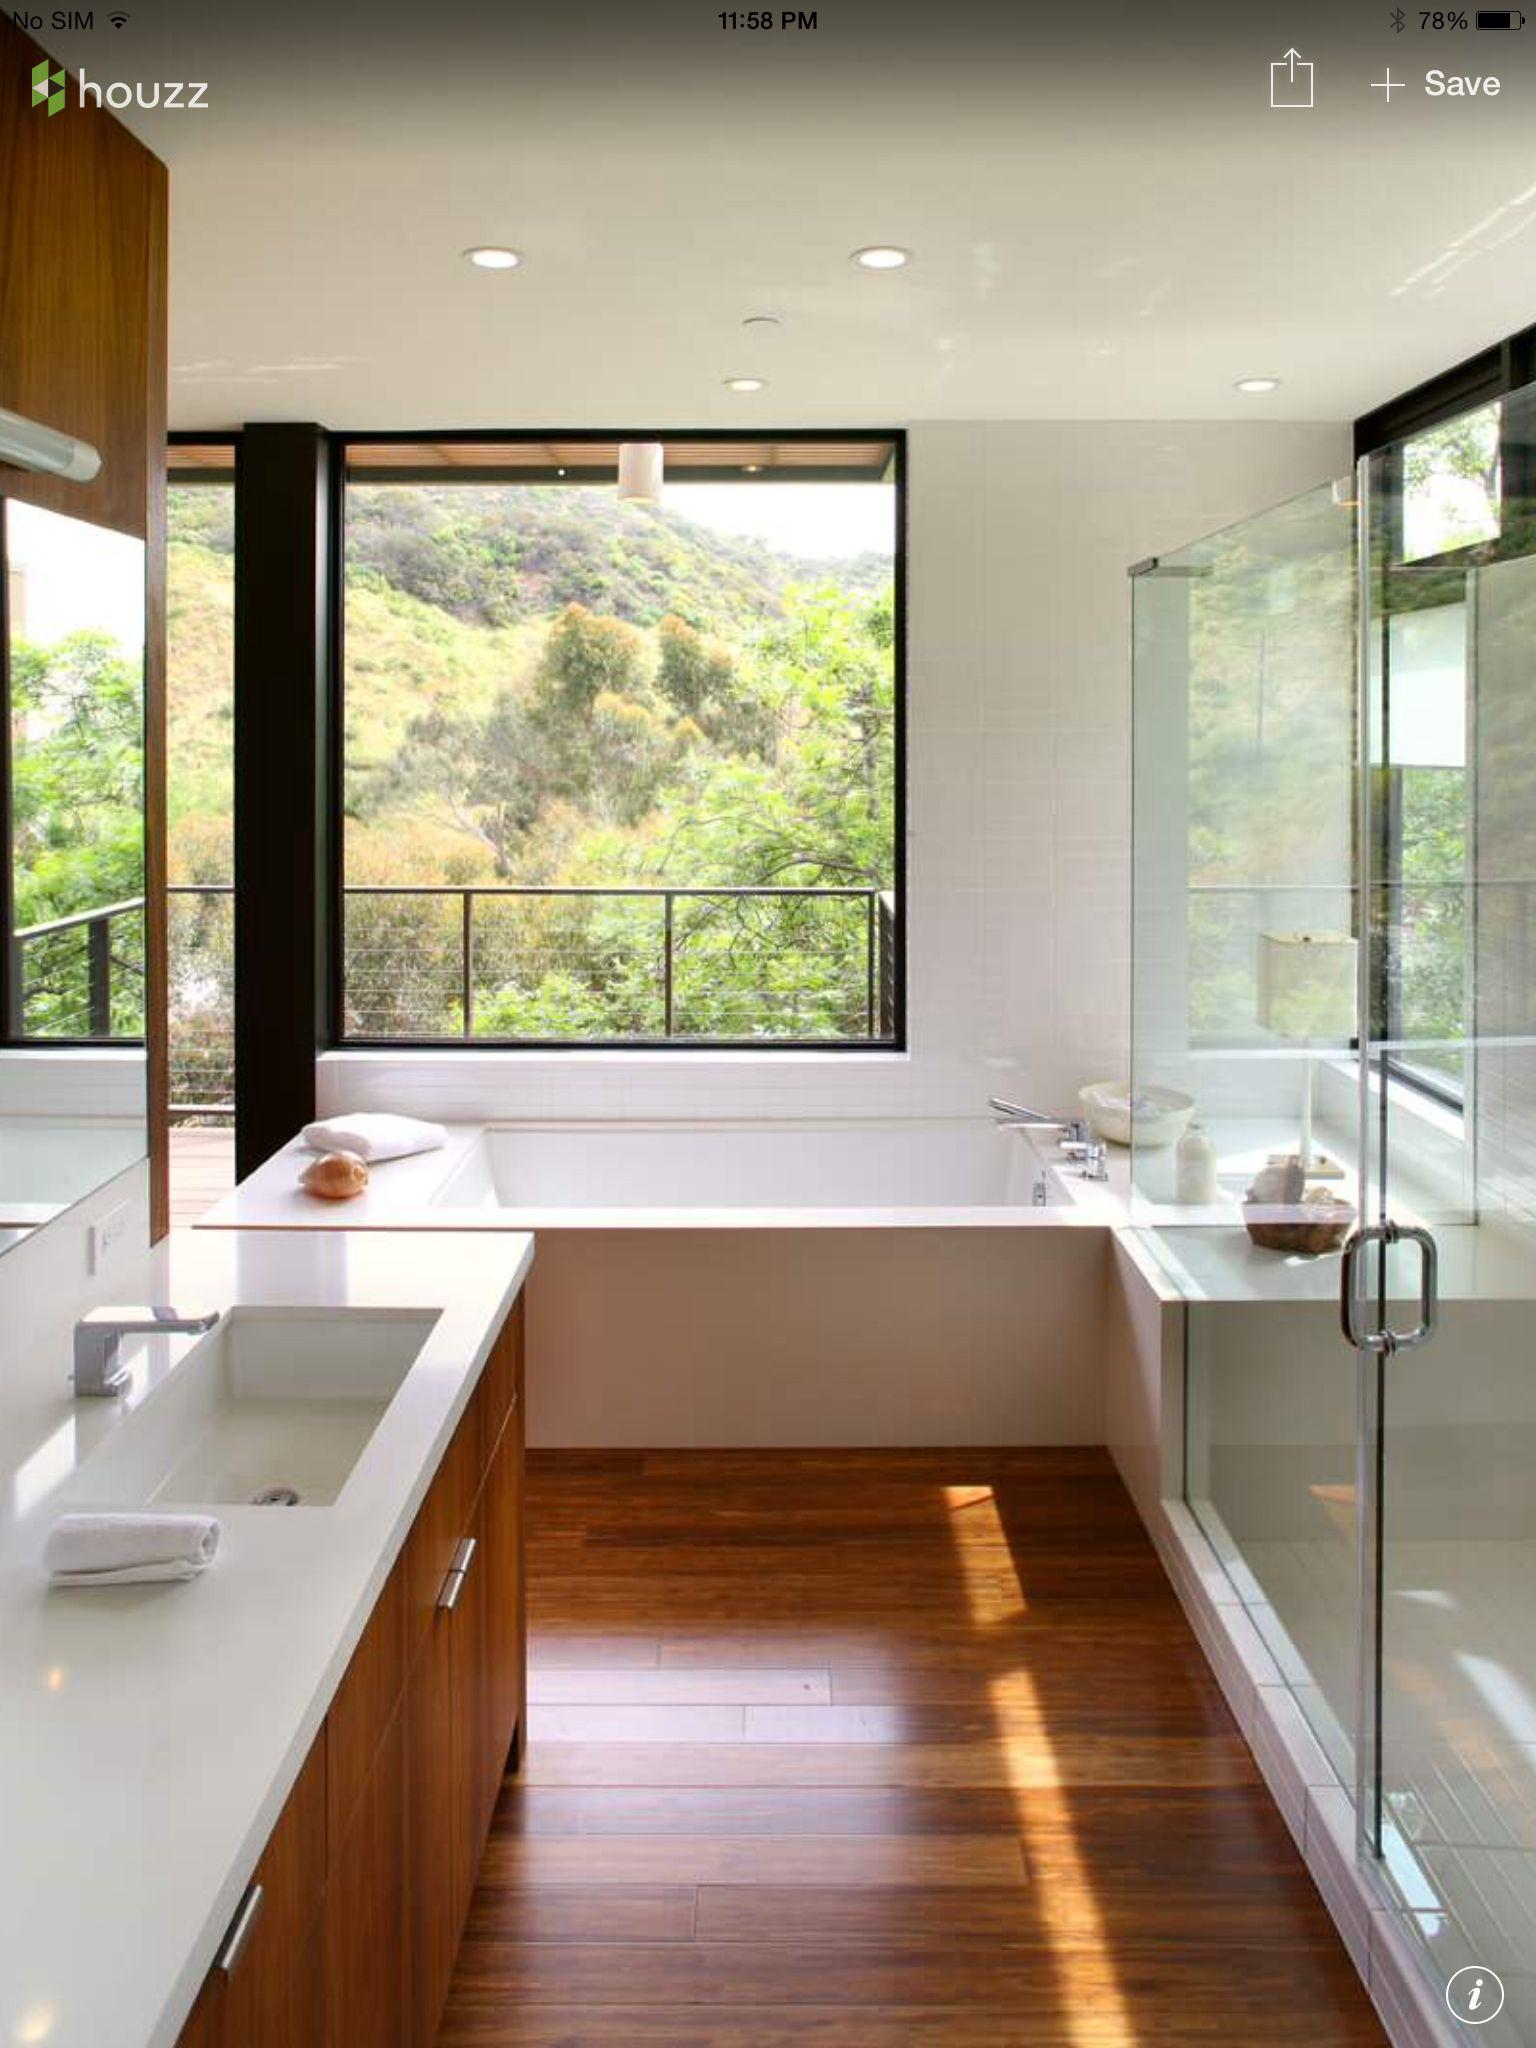 Modern bathroom | Master Bath | Pinterest | Modern, Bath remodel and on award-winning bath design, art bath design, modern bath design, green bath design, kitchen and bath design, guest bath design, contemporary bath design, traditional bath design, home bath design, vintage bath design, european bath design, ebay bath design, bathroom lighting design, black bath design, hgtv bath design, asian bathroom design, beach bath design, ikea bath design,